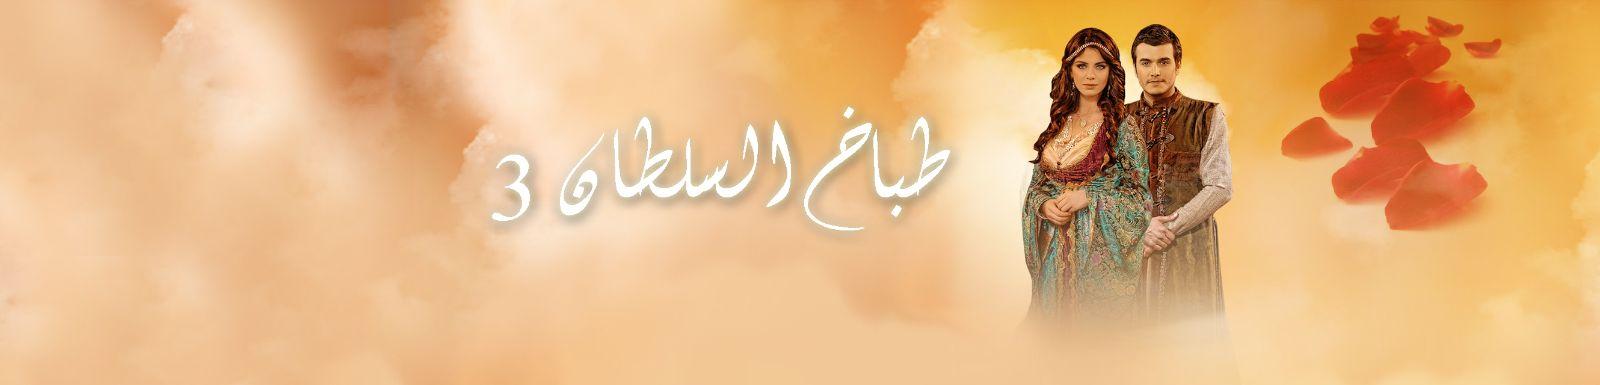 تحميل مسلسل طباخ السلطان ج3 الحلقة 10 كاملة MBC shahid شاهد نت